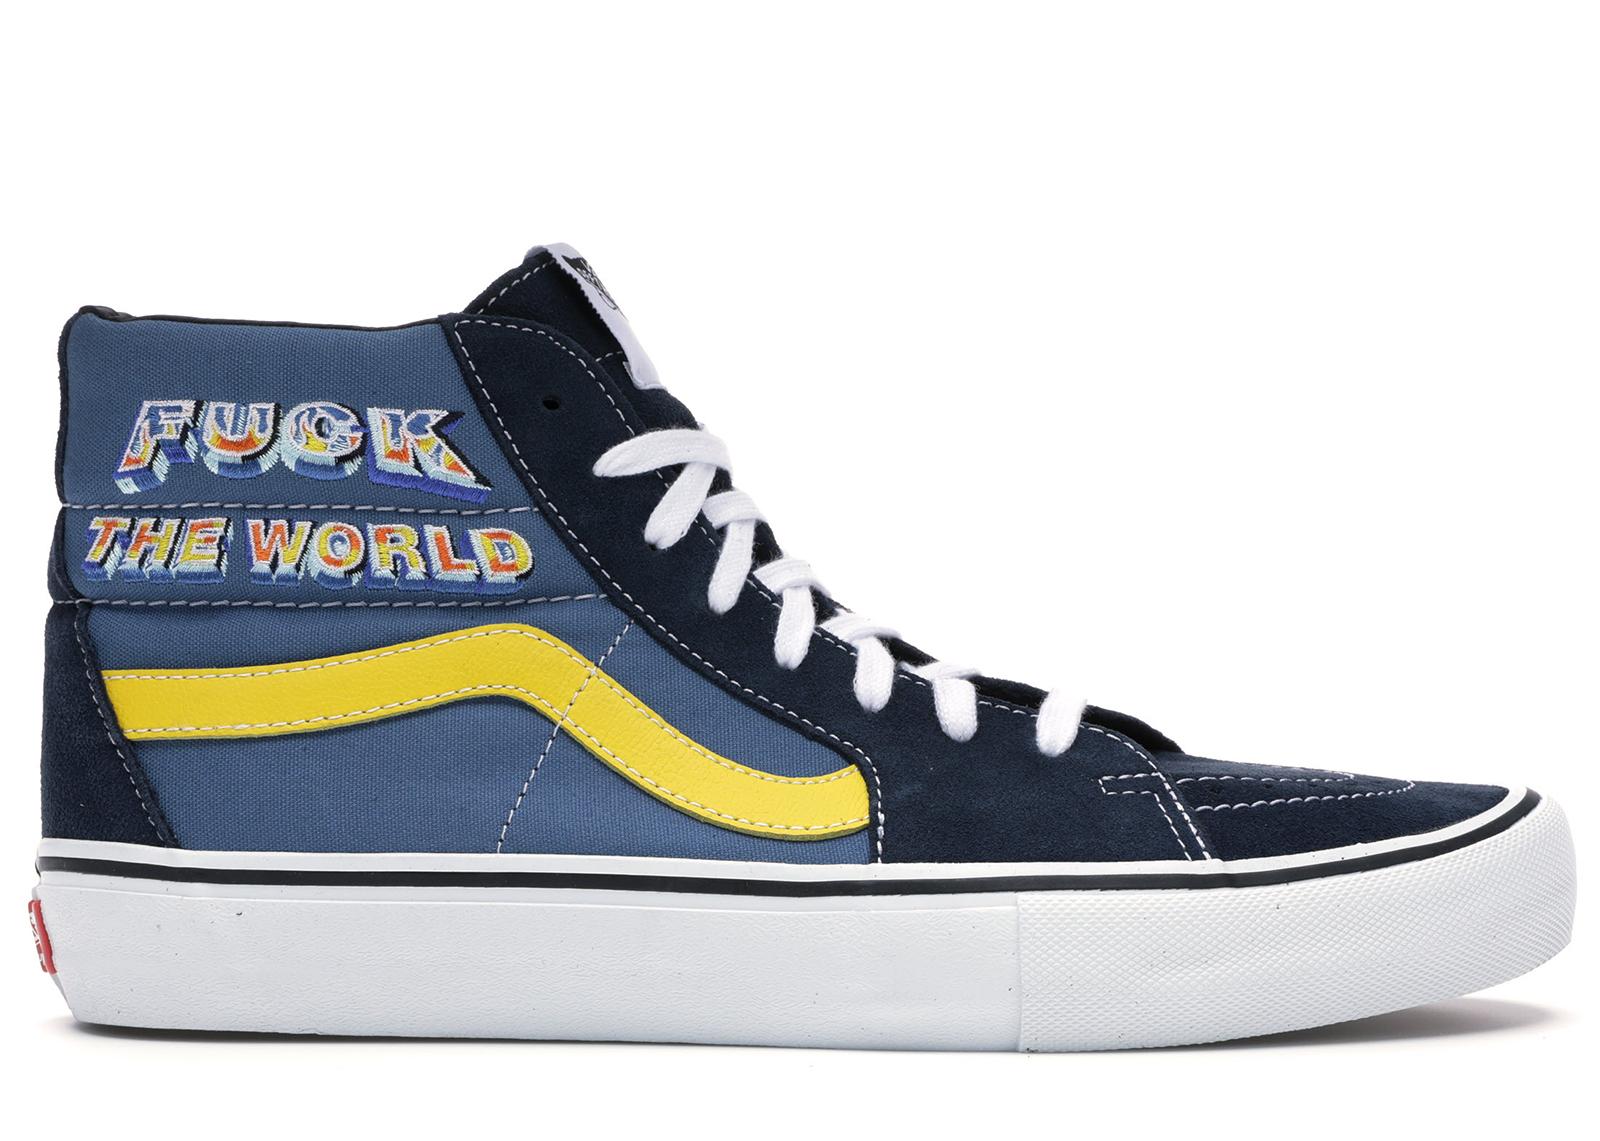 Vans Footwear Buy Deadstock Sneakers